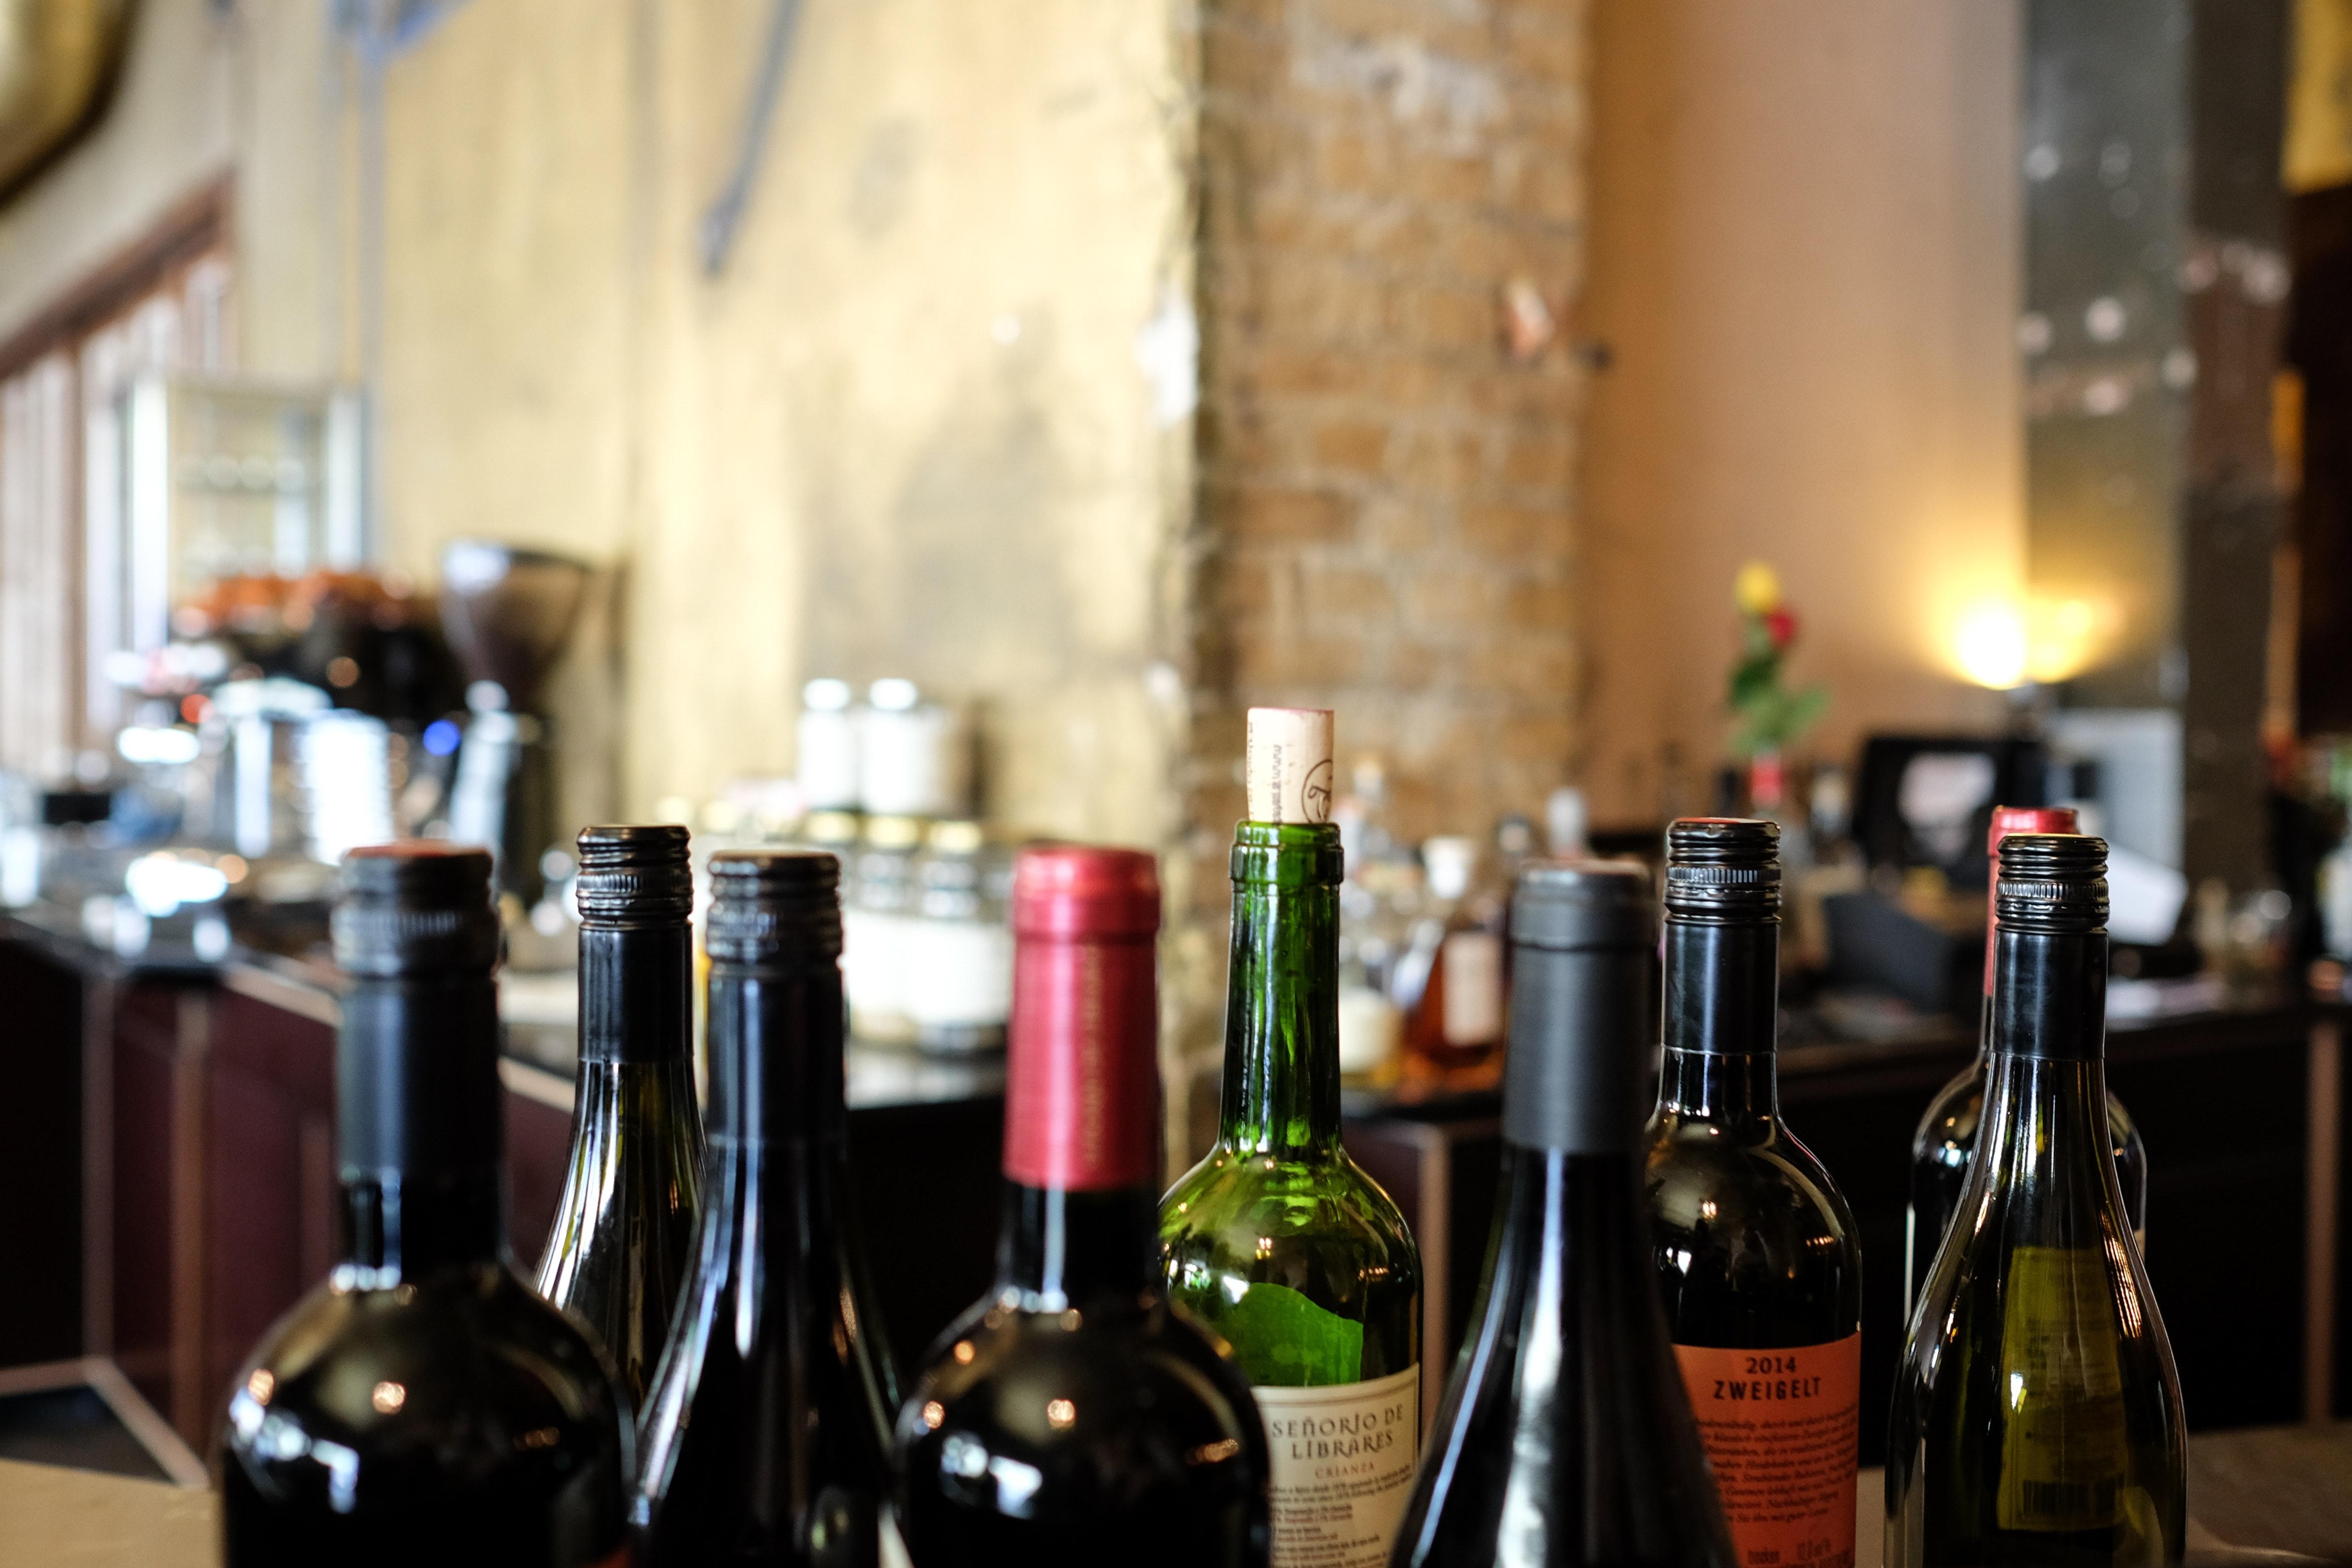 Rødvin, vin, flasker, alkohol